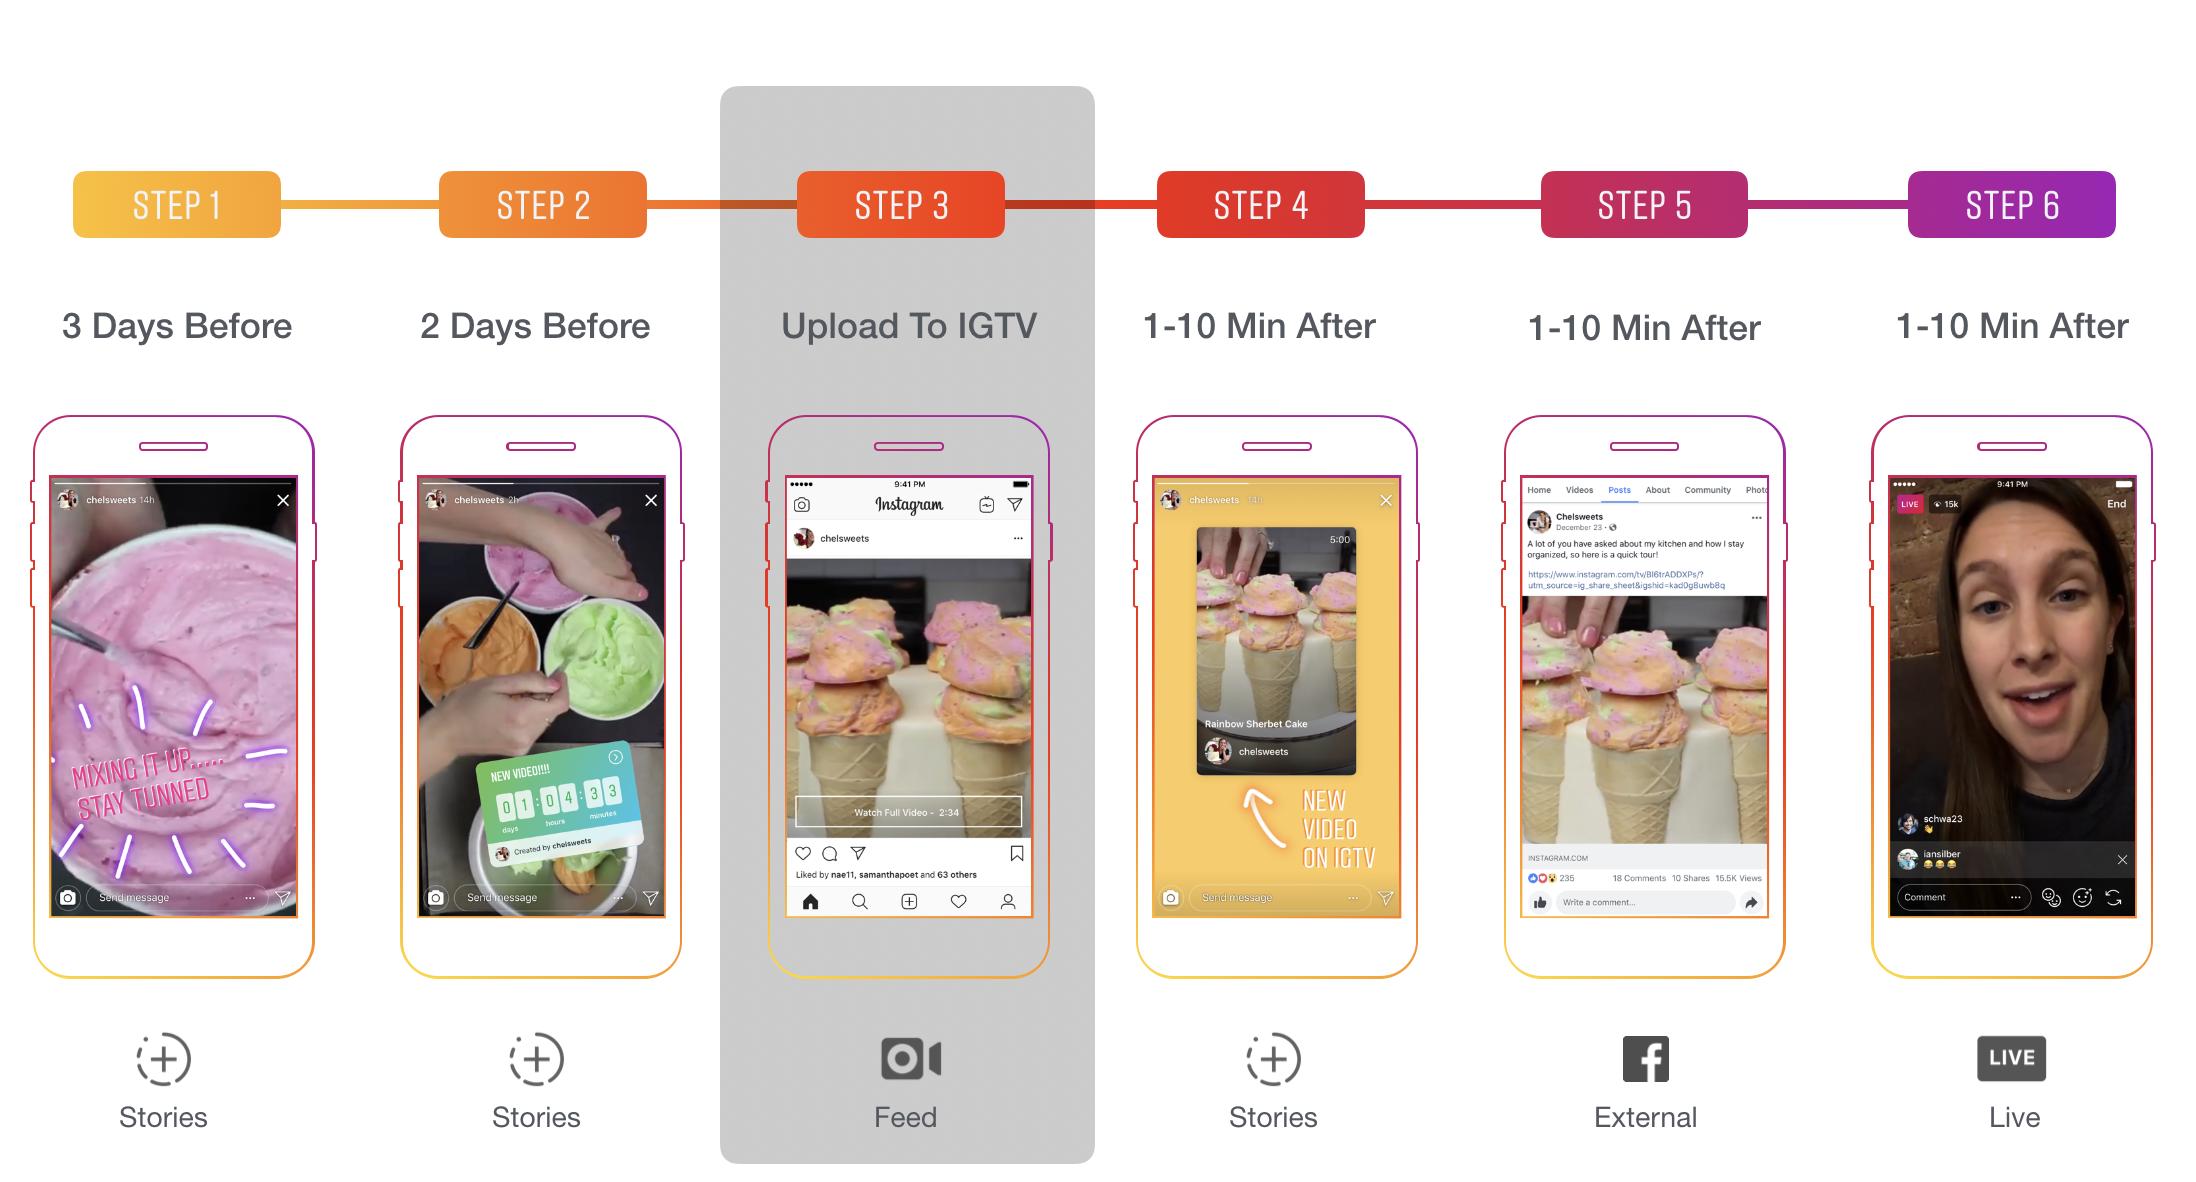 Предпочтительный способ публикации контента в Instagram IGTV